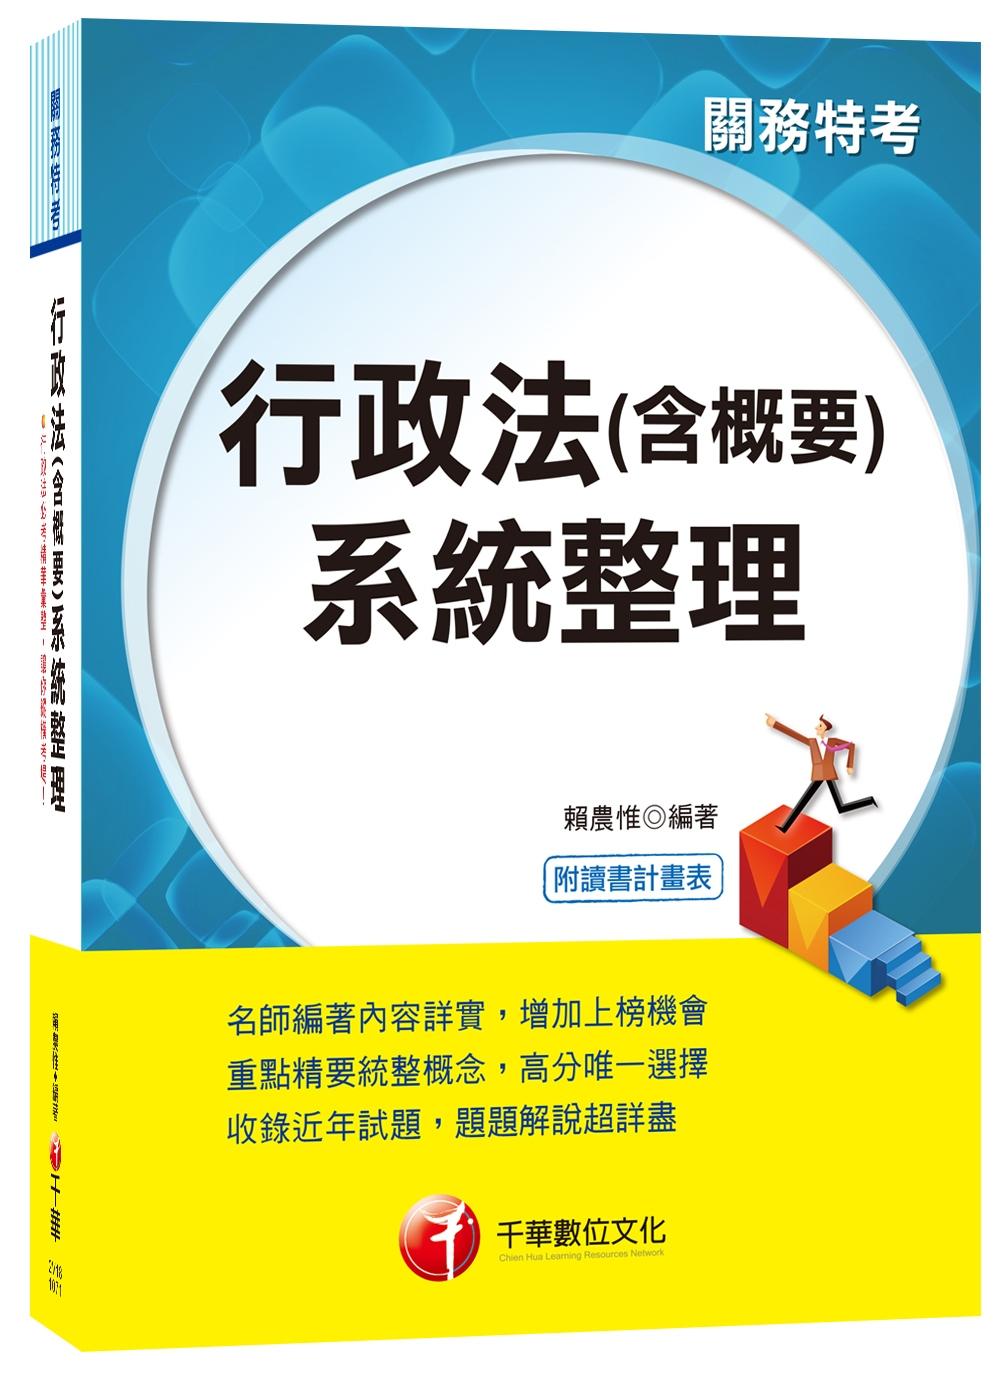 ◤博客來BOOKS◢ 暢銷書榜《推薦》行政法(含概要)系統整理[關務特考]